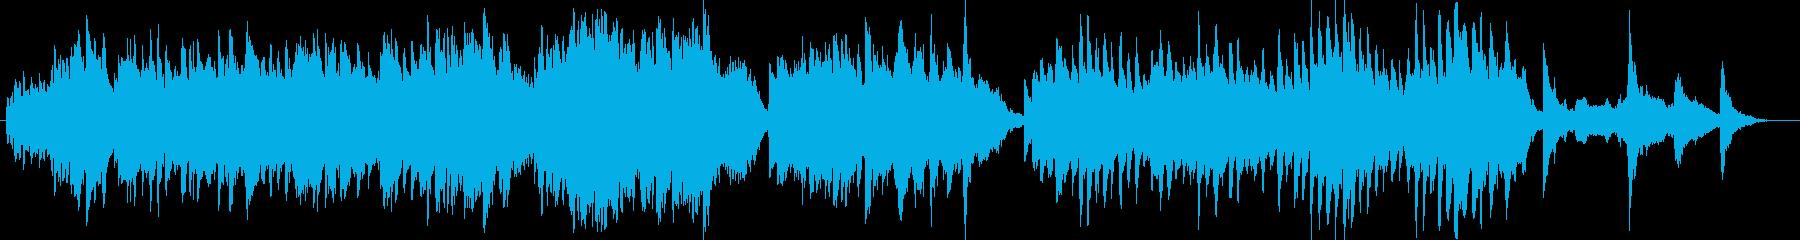 室内楽で暖かい曲の再生済みの波形